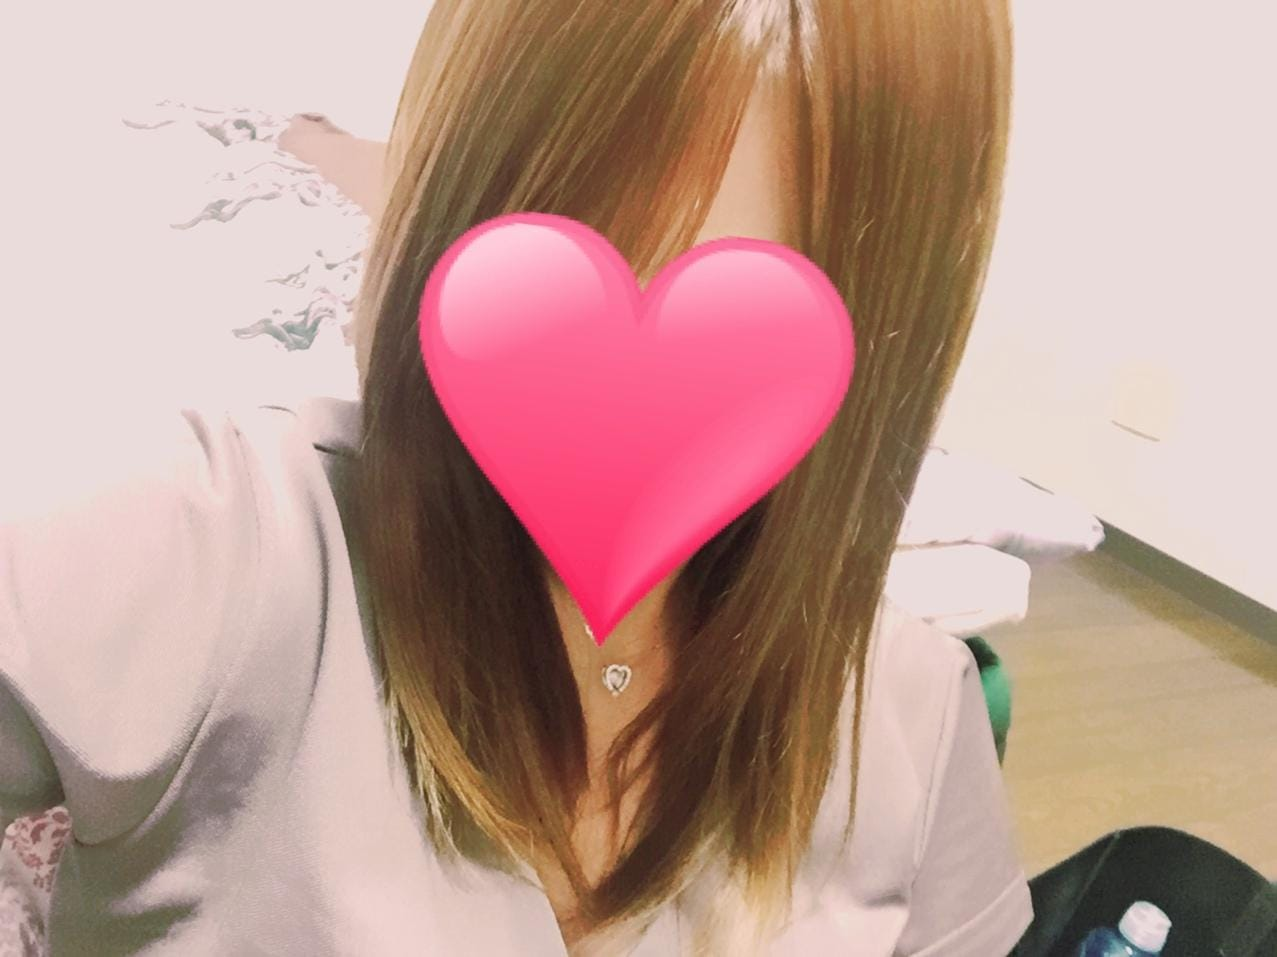 「なお☆」08/09(08/09) 21:10 | なお~可愛いチビッ娘の写メ・風俗動画